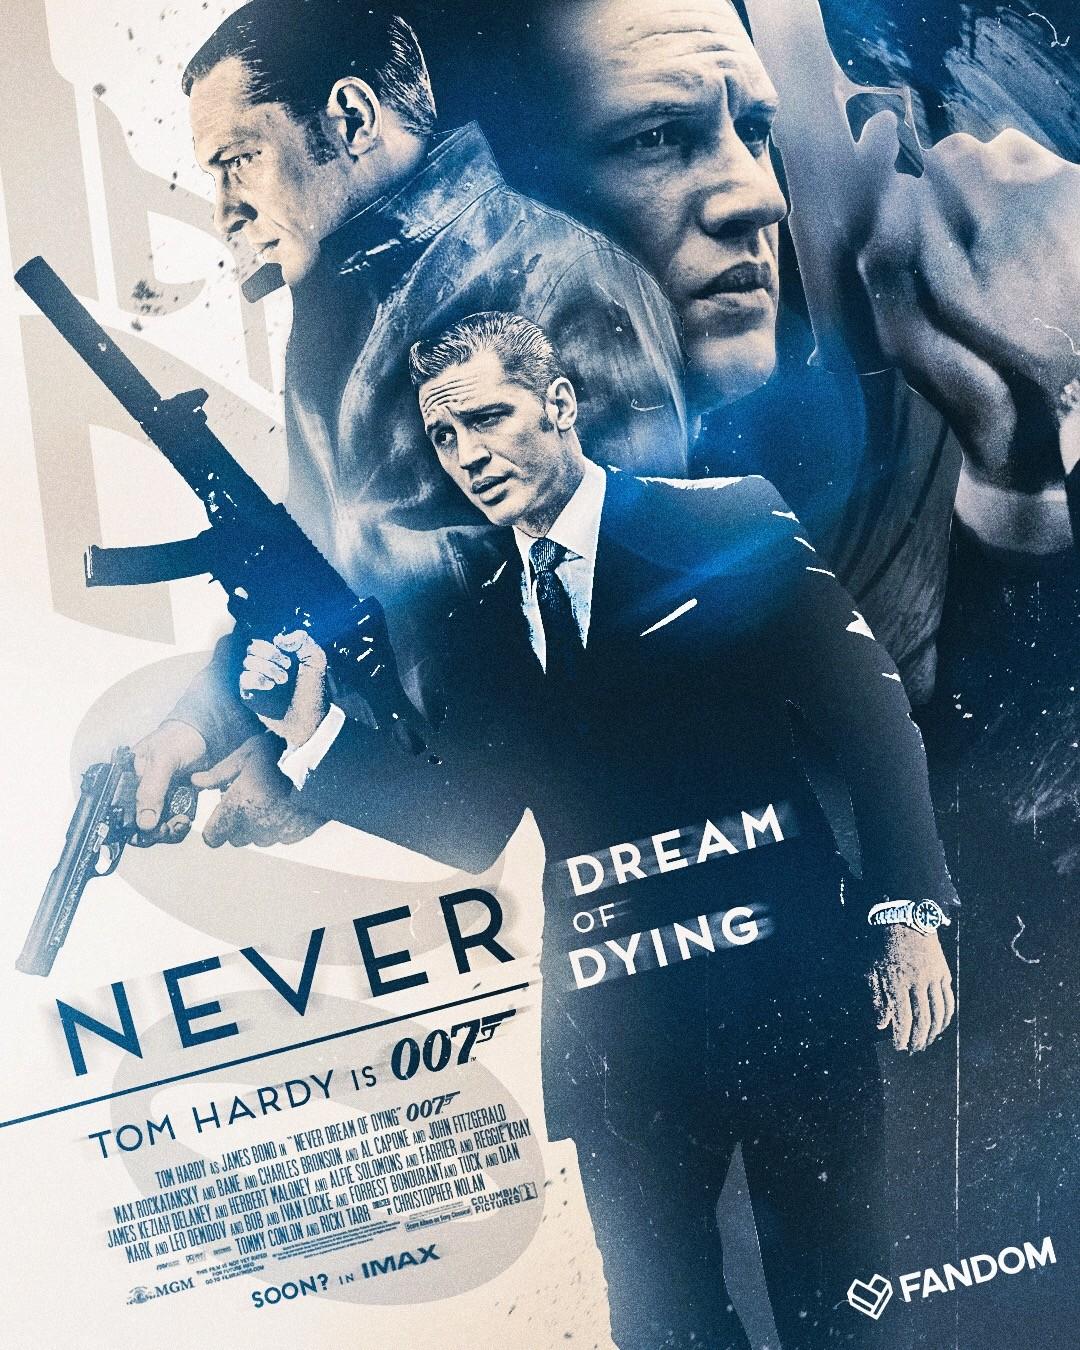 Nick tam fandom tomhardy 007 v1